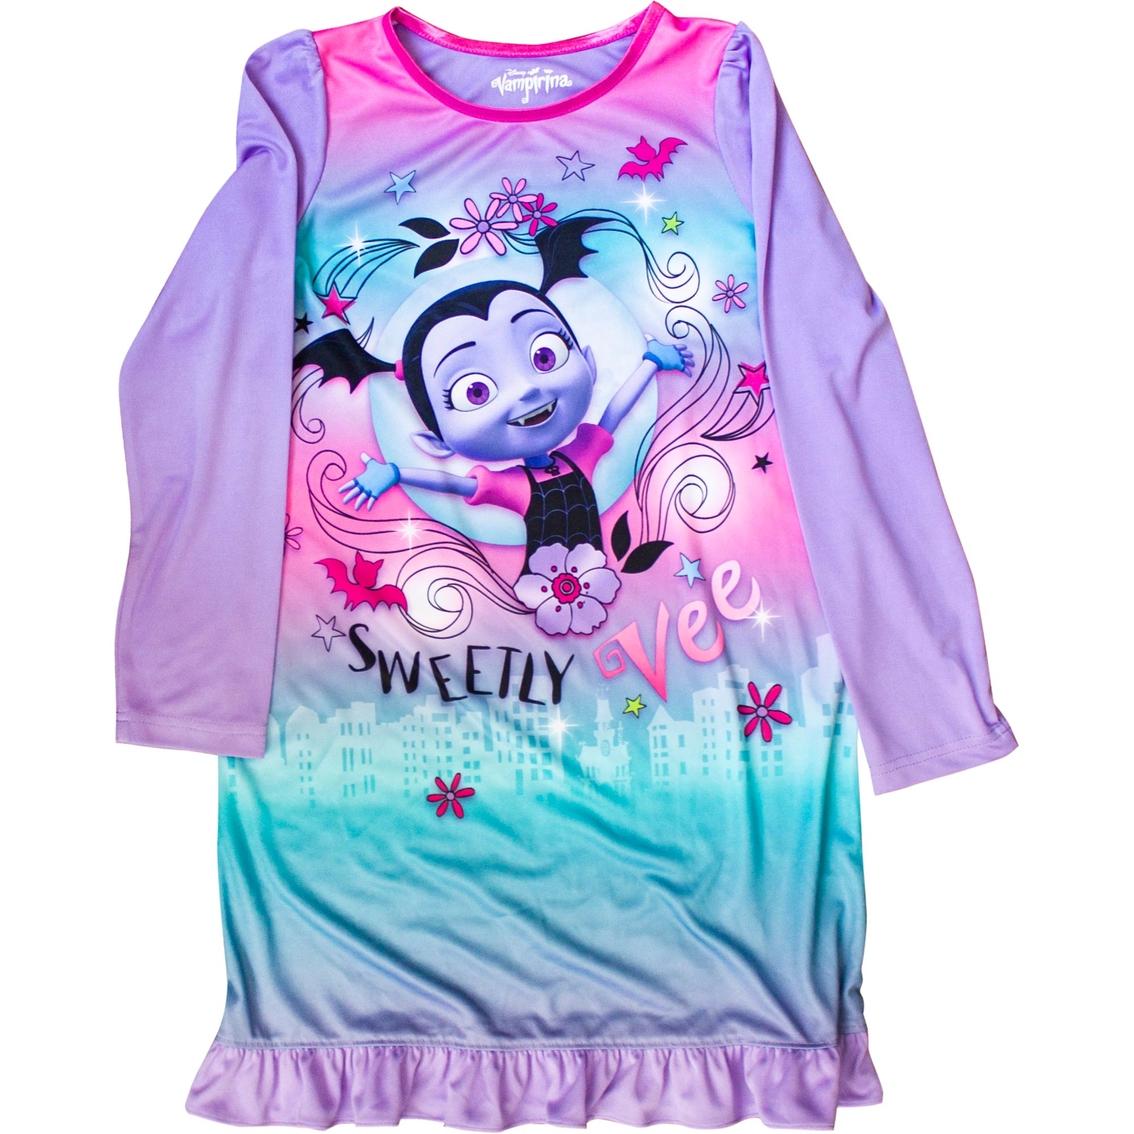 bdb904e77 Disney Little Girls Vampirina Nightgown | Girls 4-6x | Apparel ...